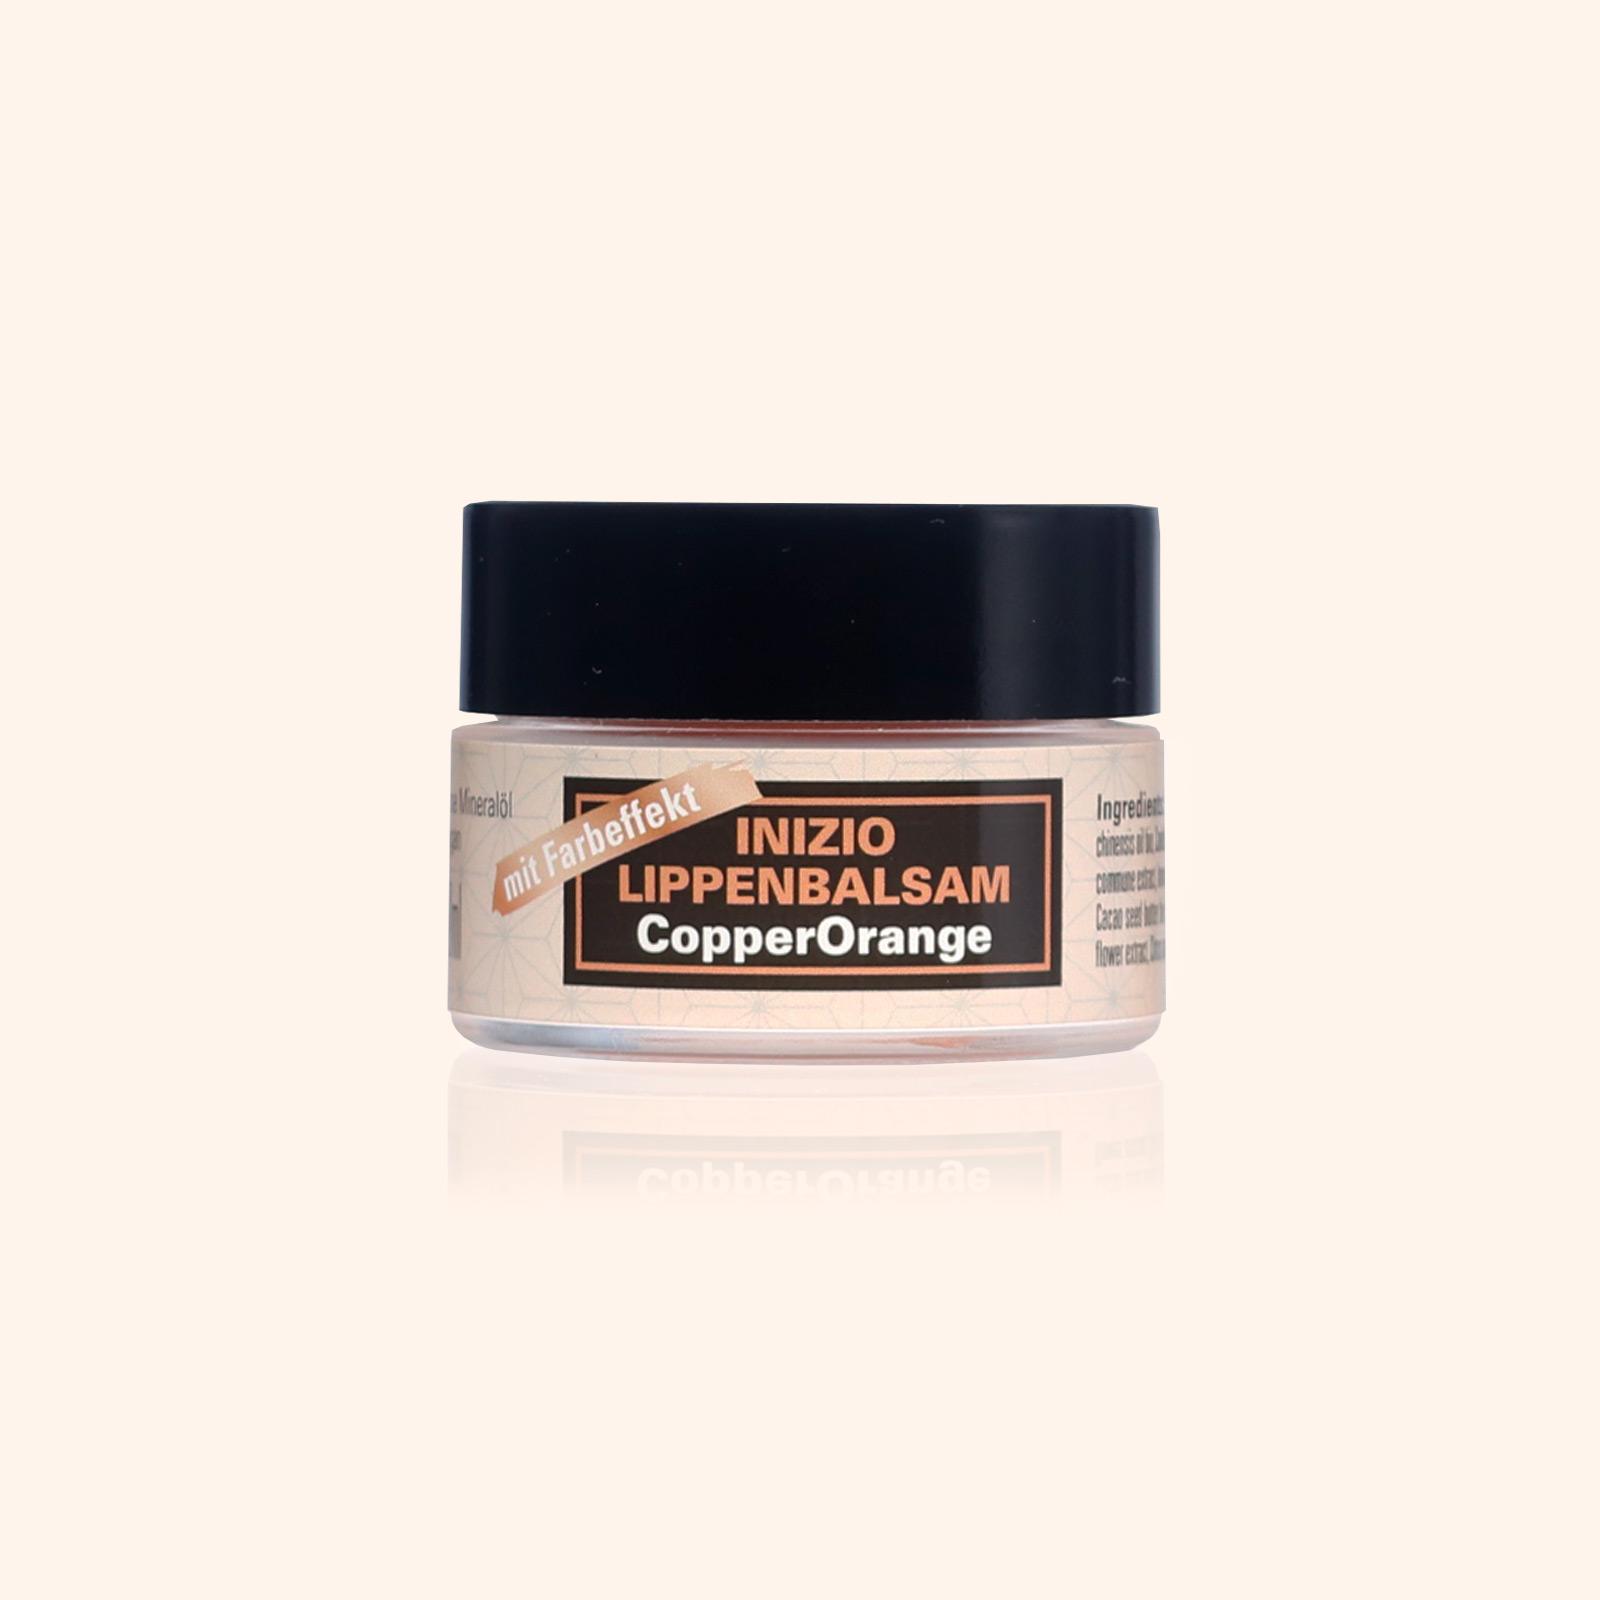 Inizio Lippenbalsam Copper Orange feuchtigkeitsspendende Lippenpflege und Farbglanz in einem